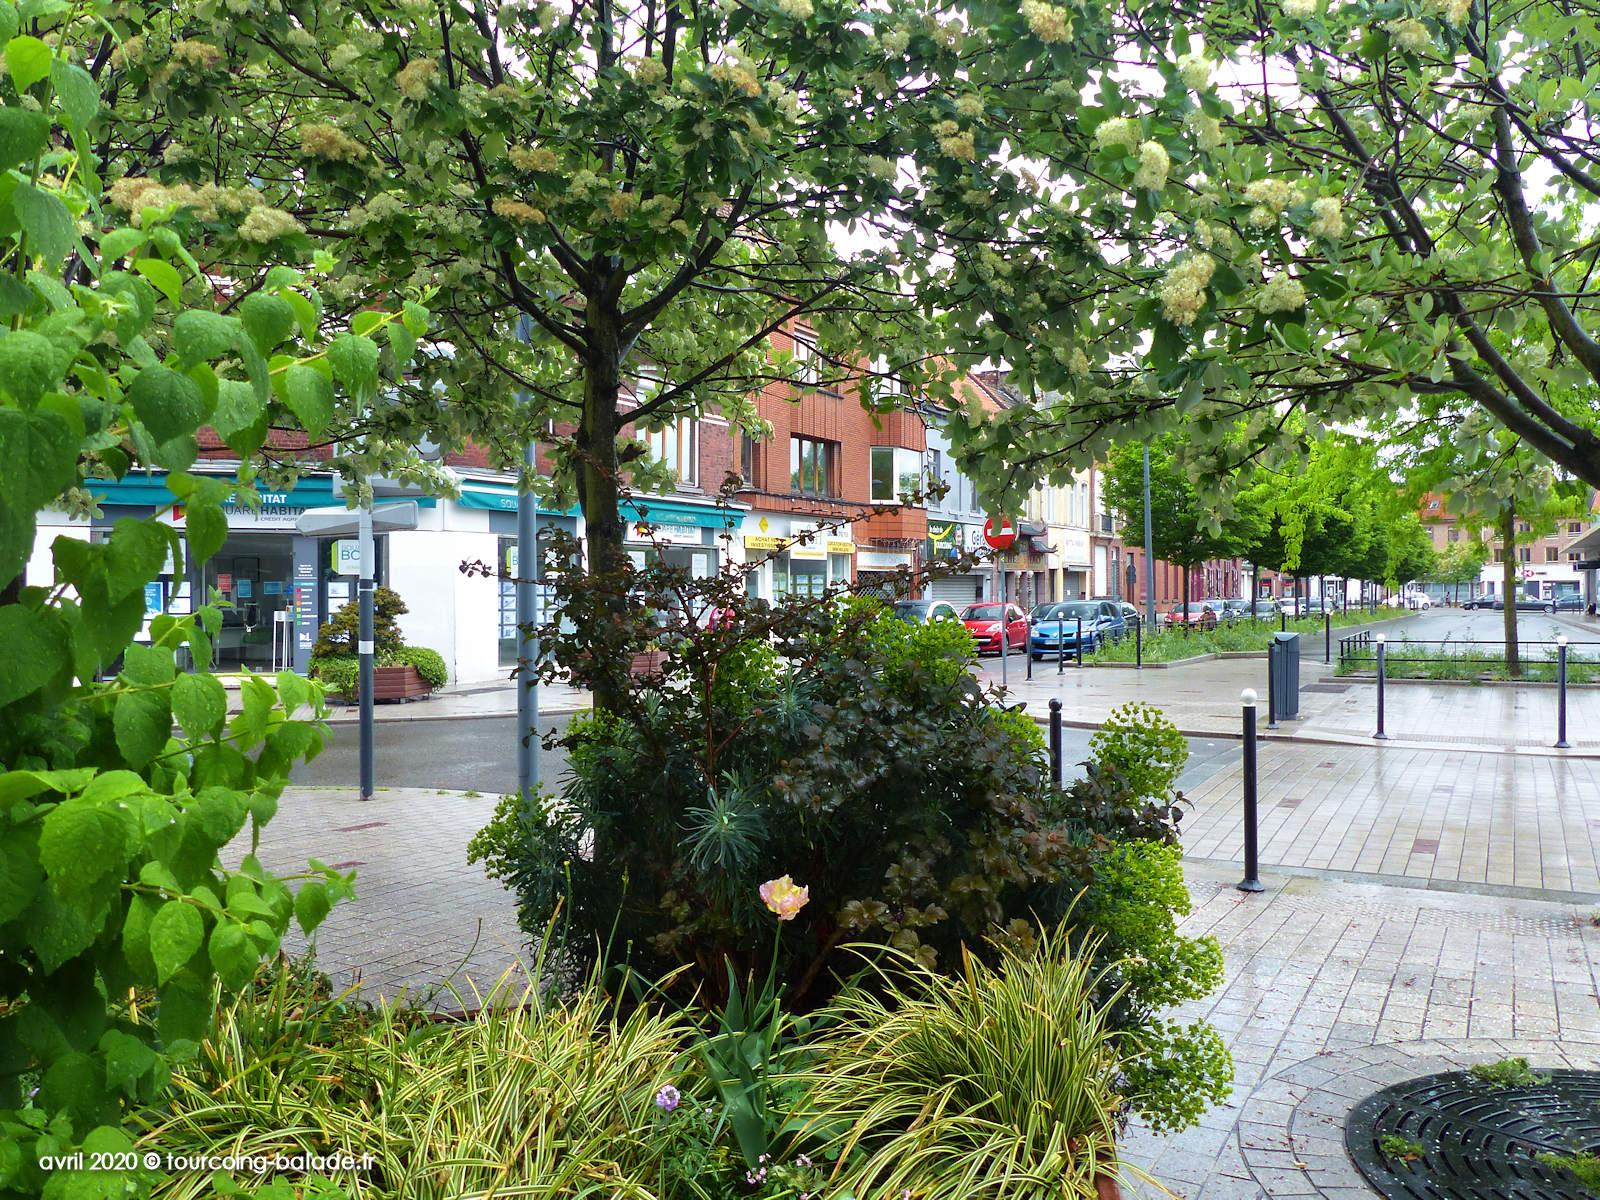 Fond de la Place Roussel végétalisée, Tourcoing 2020